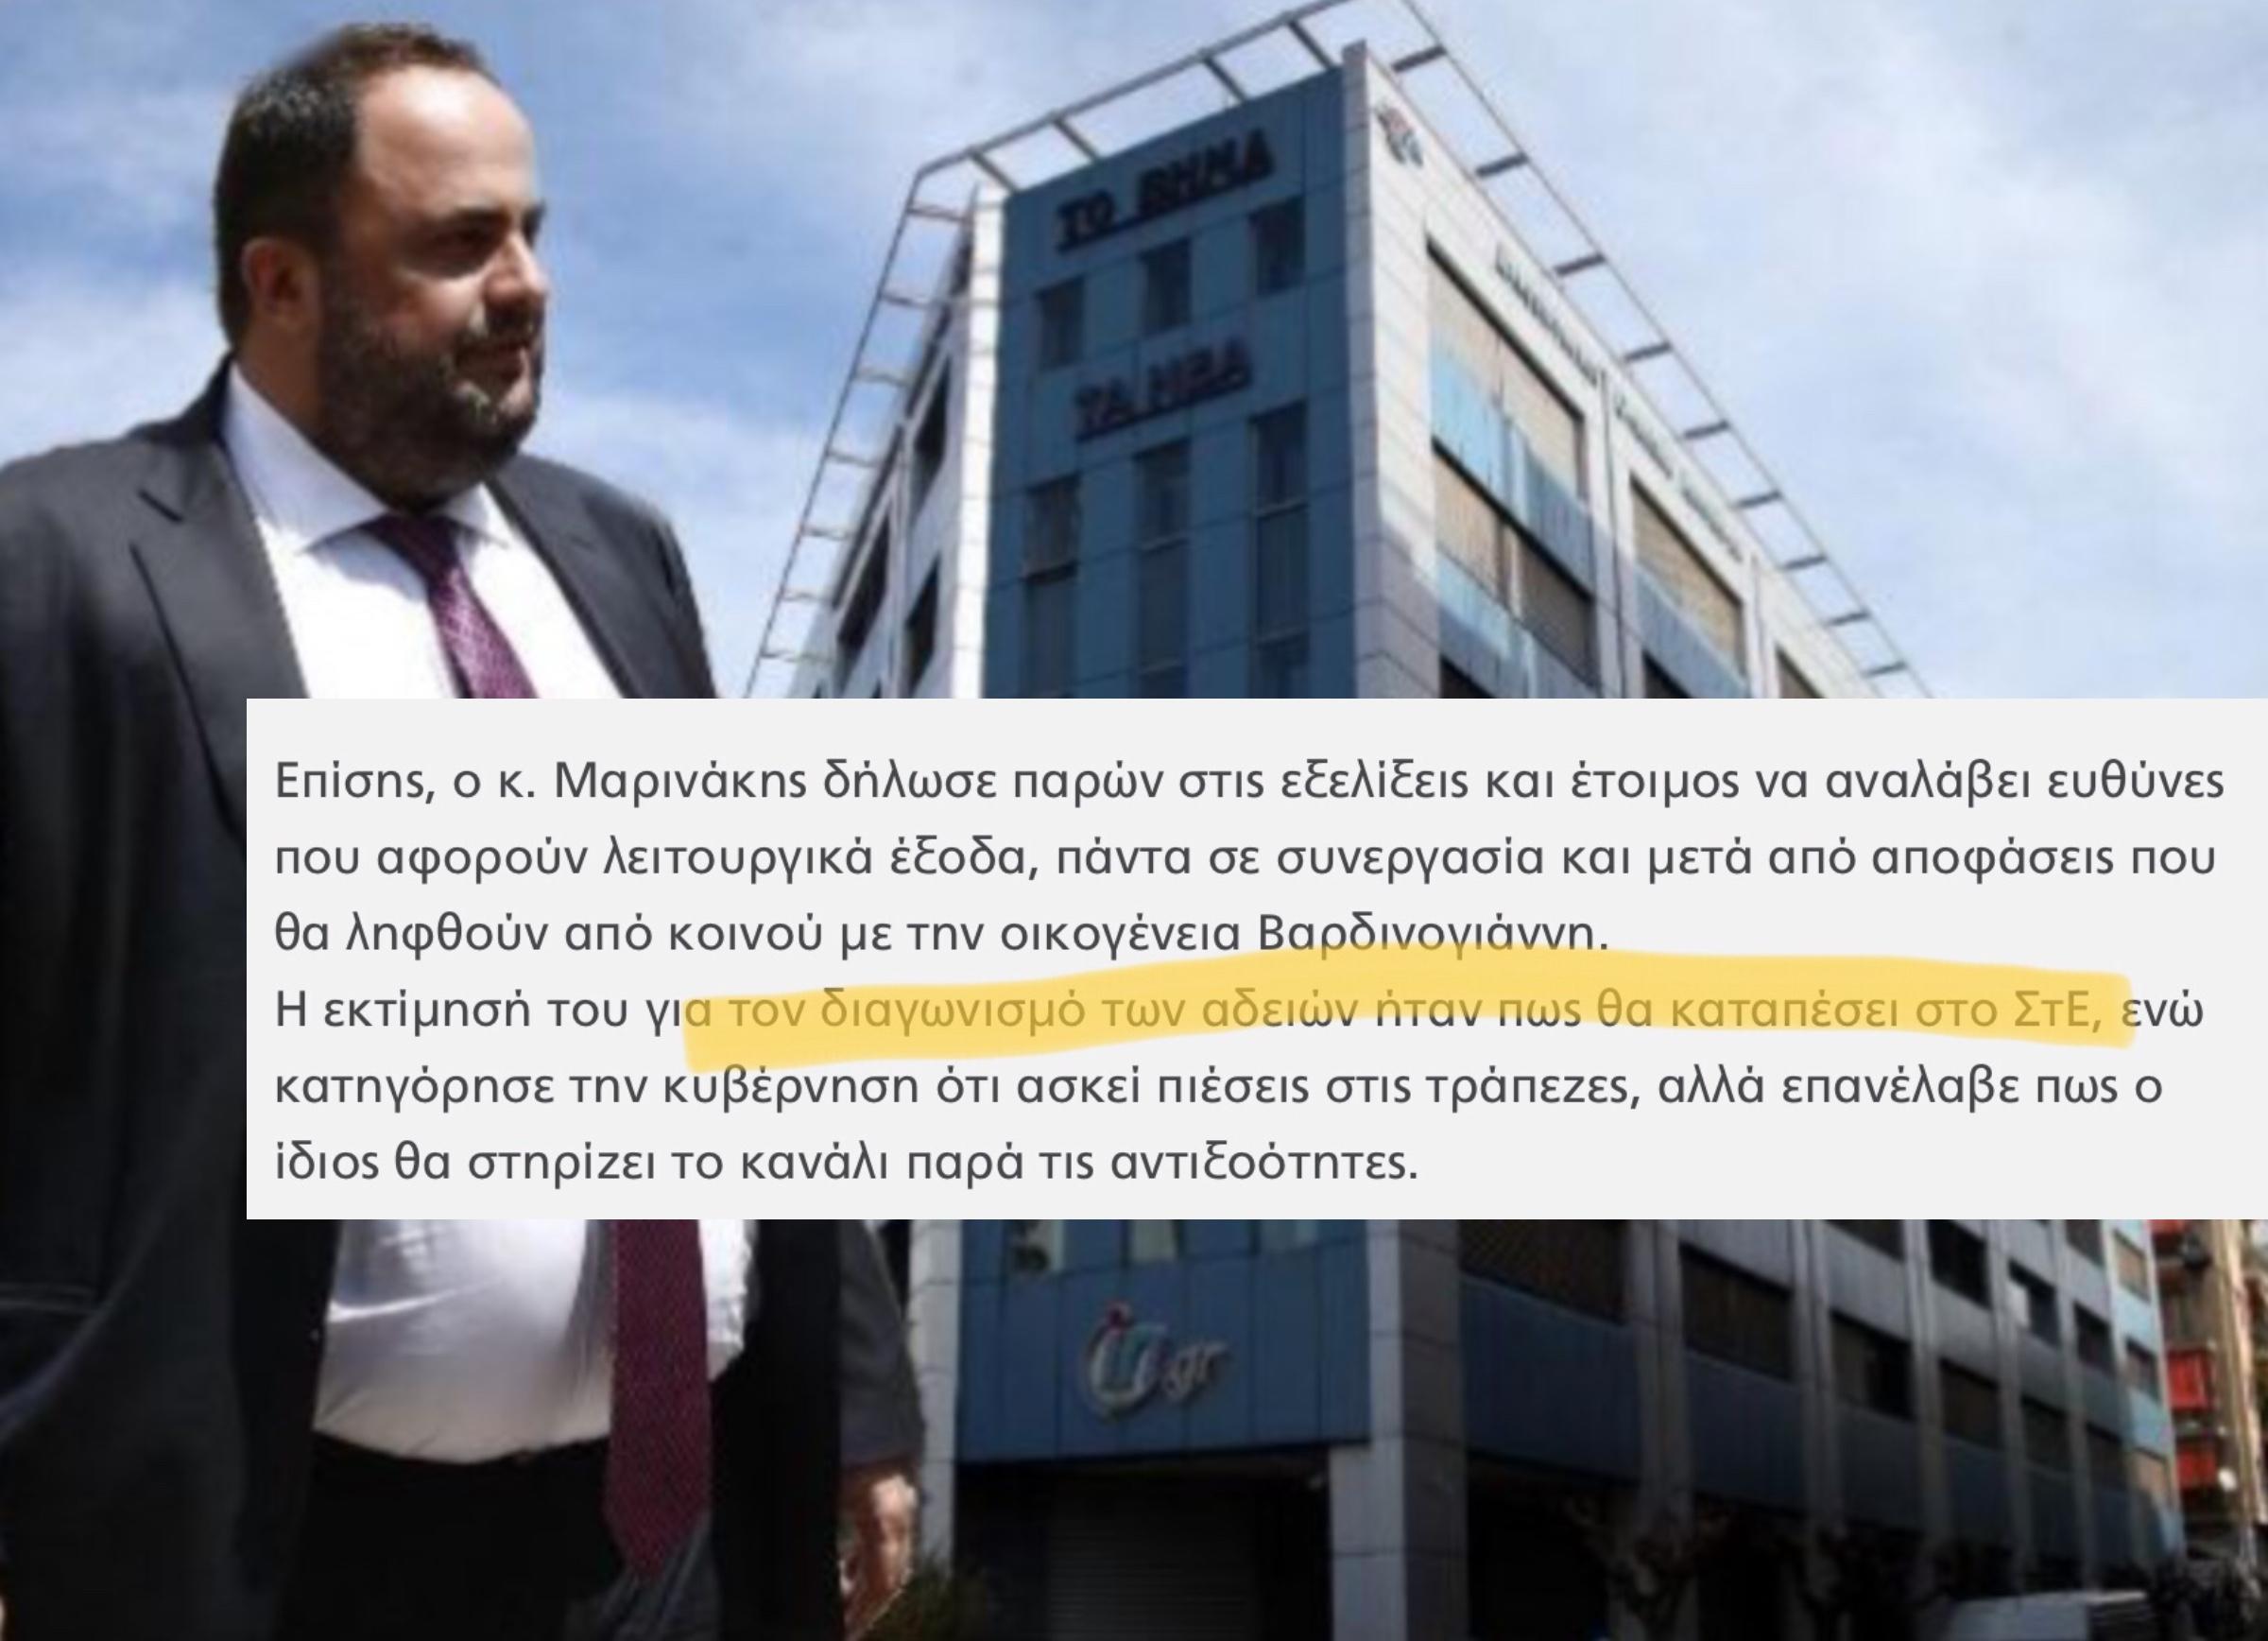 Κύριε Σακελλαρίου, πρόεδρε του ΣτΕ, ο κύριος Μαρινάκης έκανε μία δήλωση.